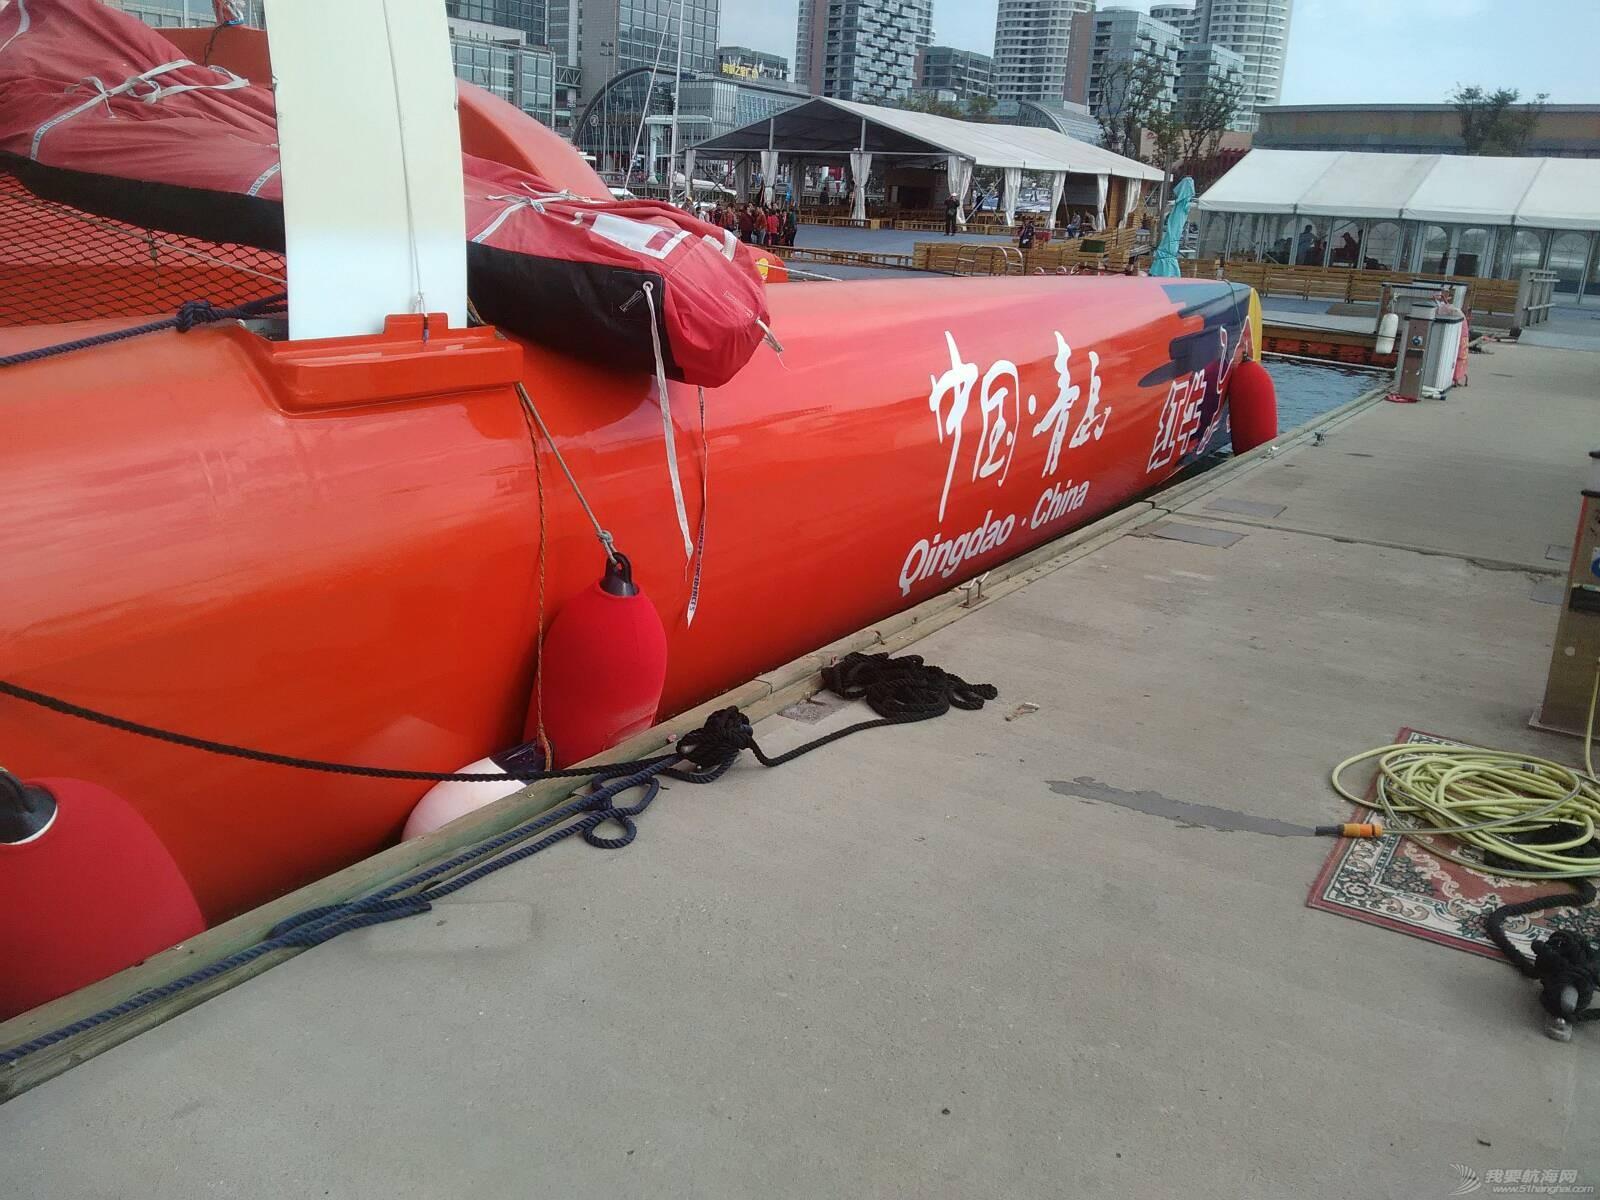 青岛号大帆船洗刷刷活动 200213b6508gbw6nibzcwc.jpg